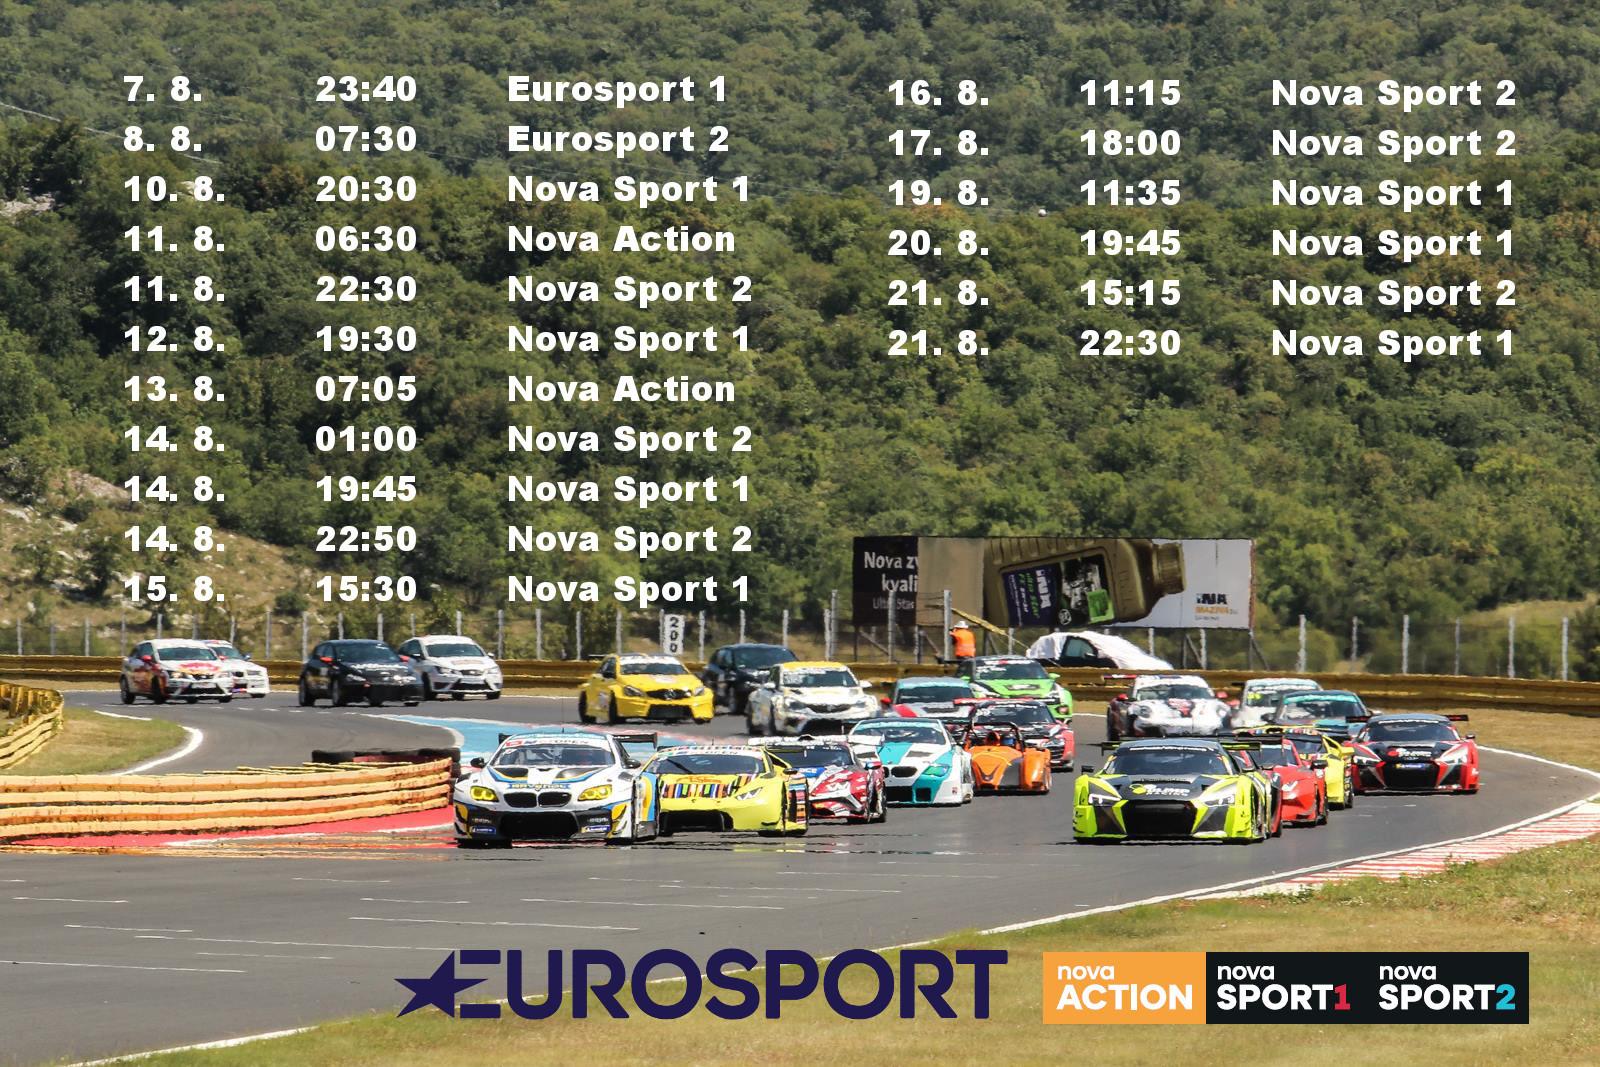 Televizní reportáž z Grobniku můžete sledovat už dnes na stanici Eurosport 1